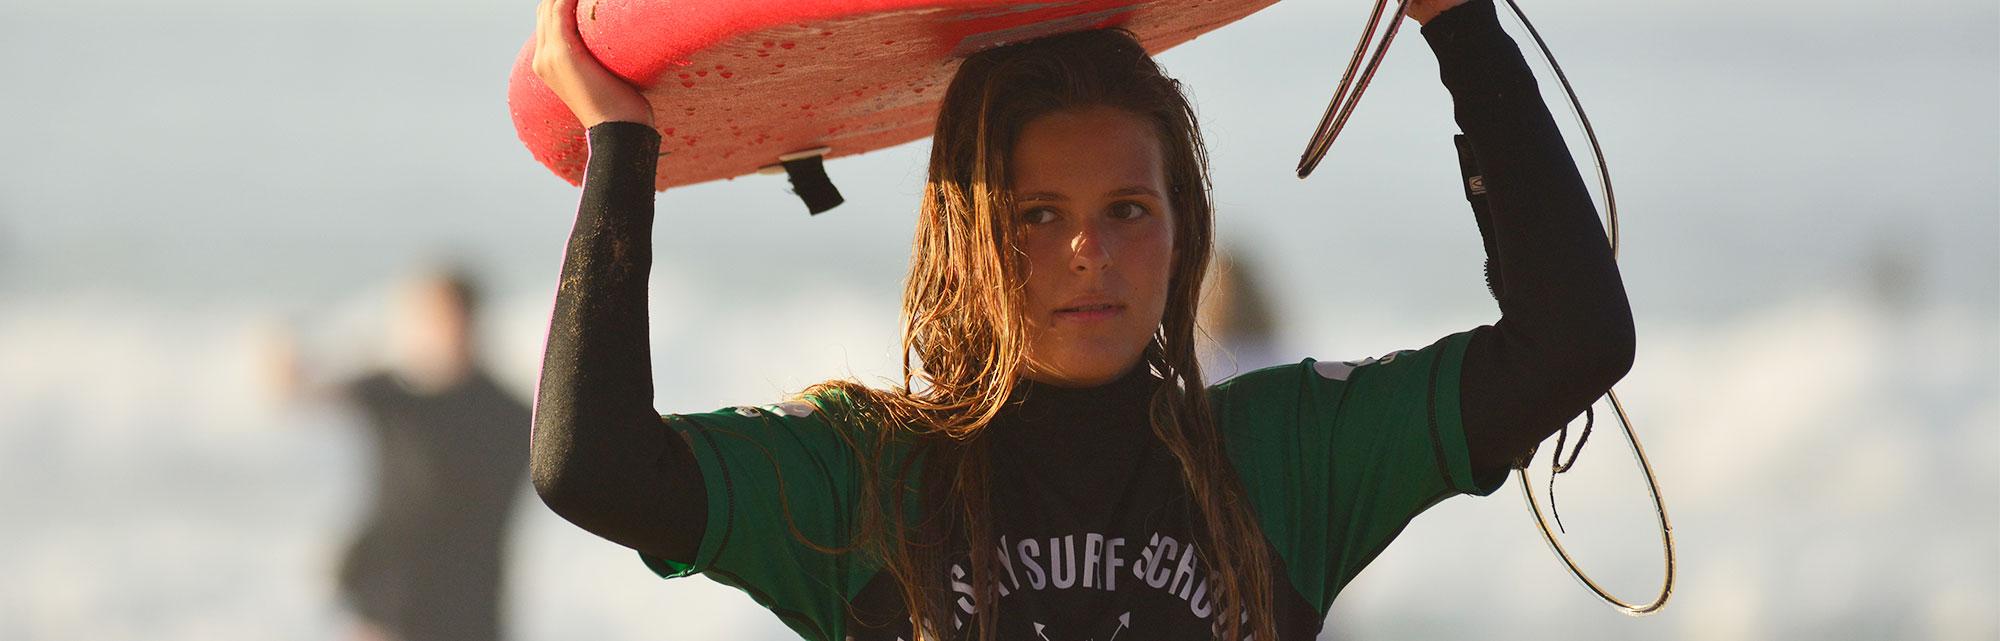 Campamentos de surf adultos - Watsay, playa de Berria